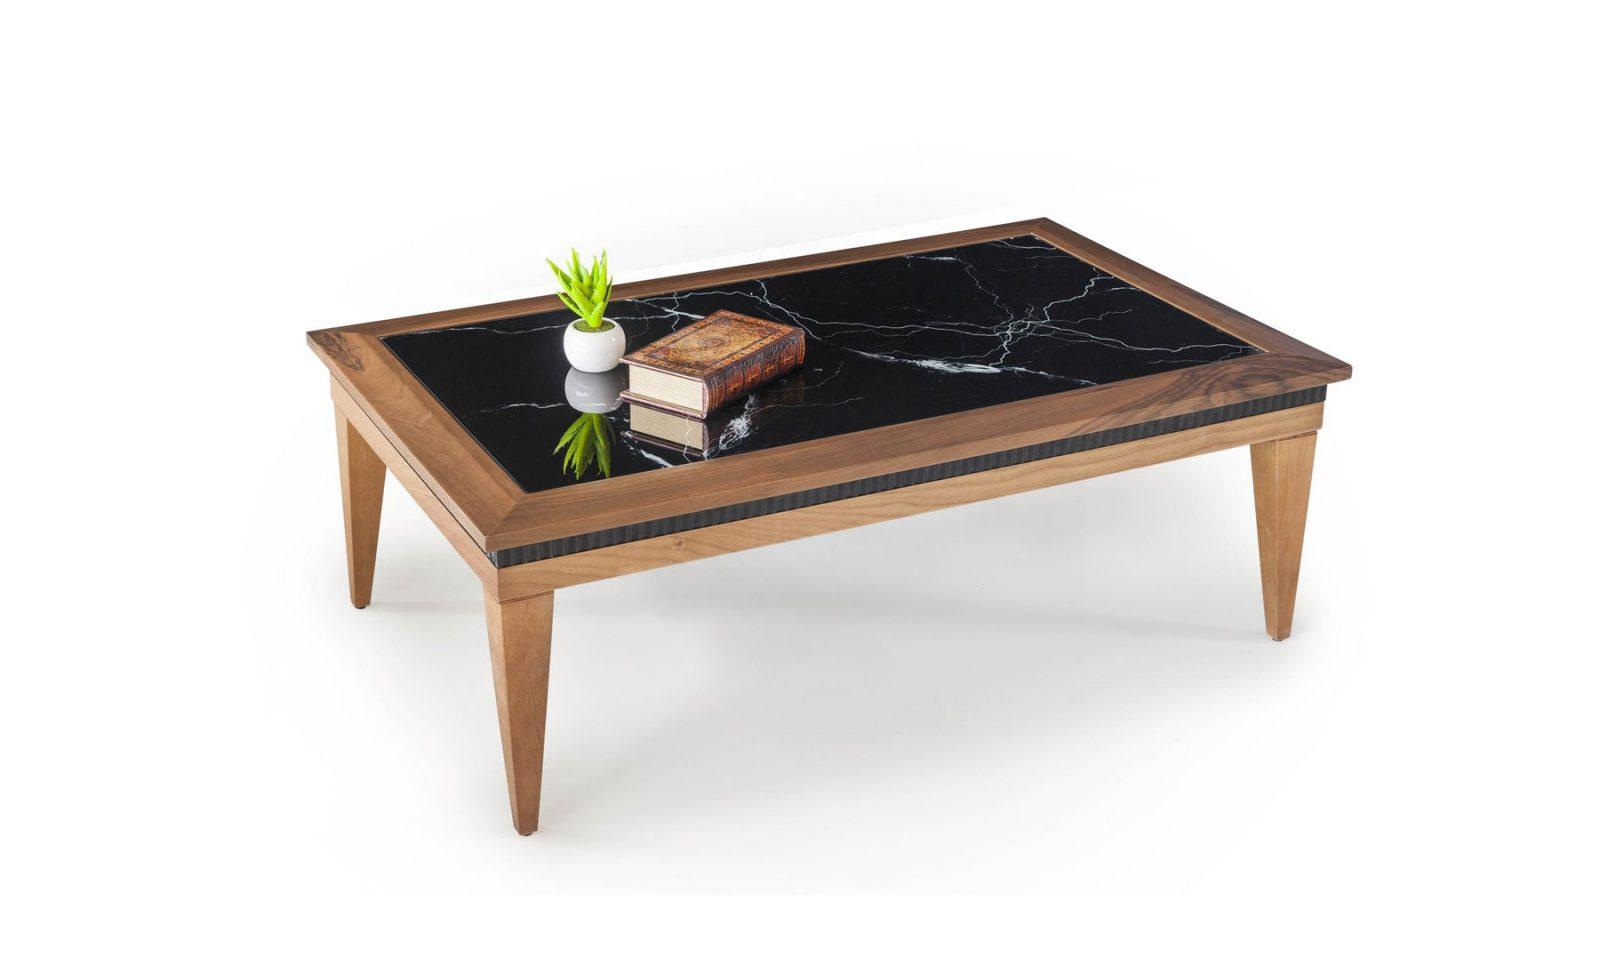 Ürün üst tablasında mdf üzeri mermer görünümlü baskı kullanılmıştır, ayakları masif ahşaptan üretilmiştir.